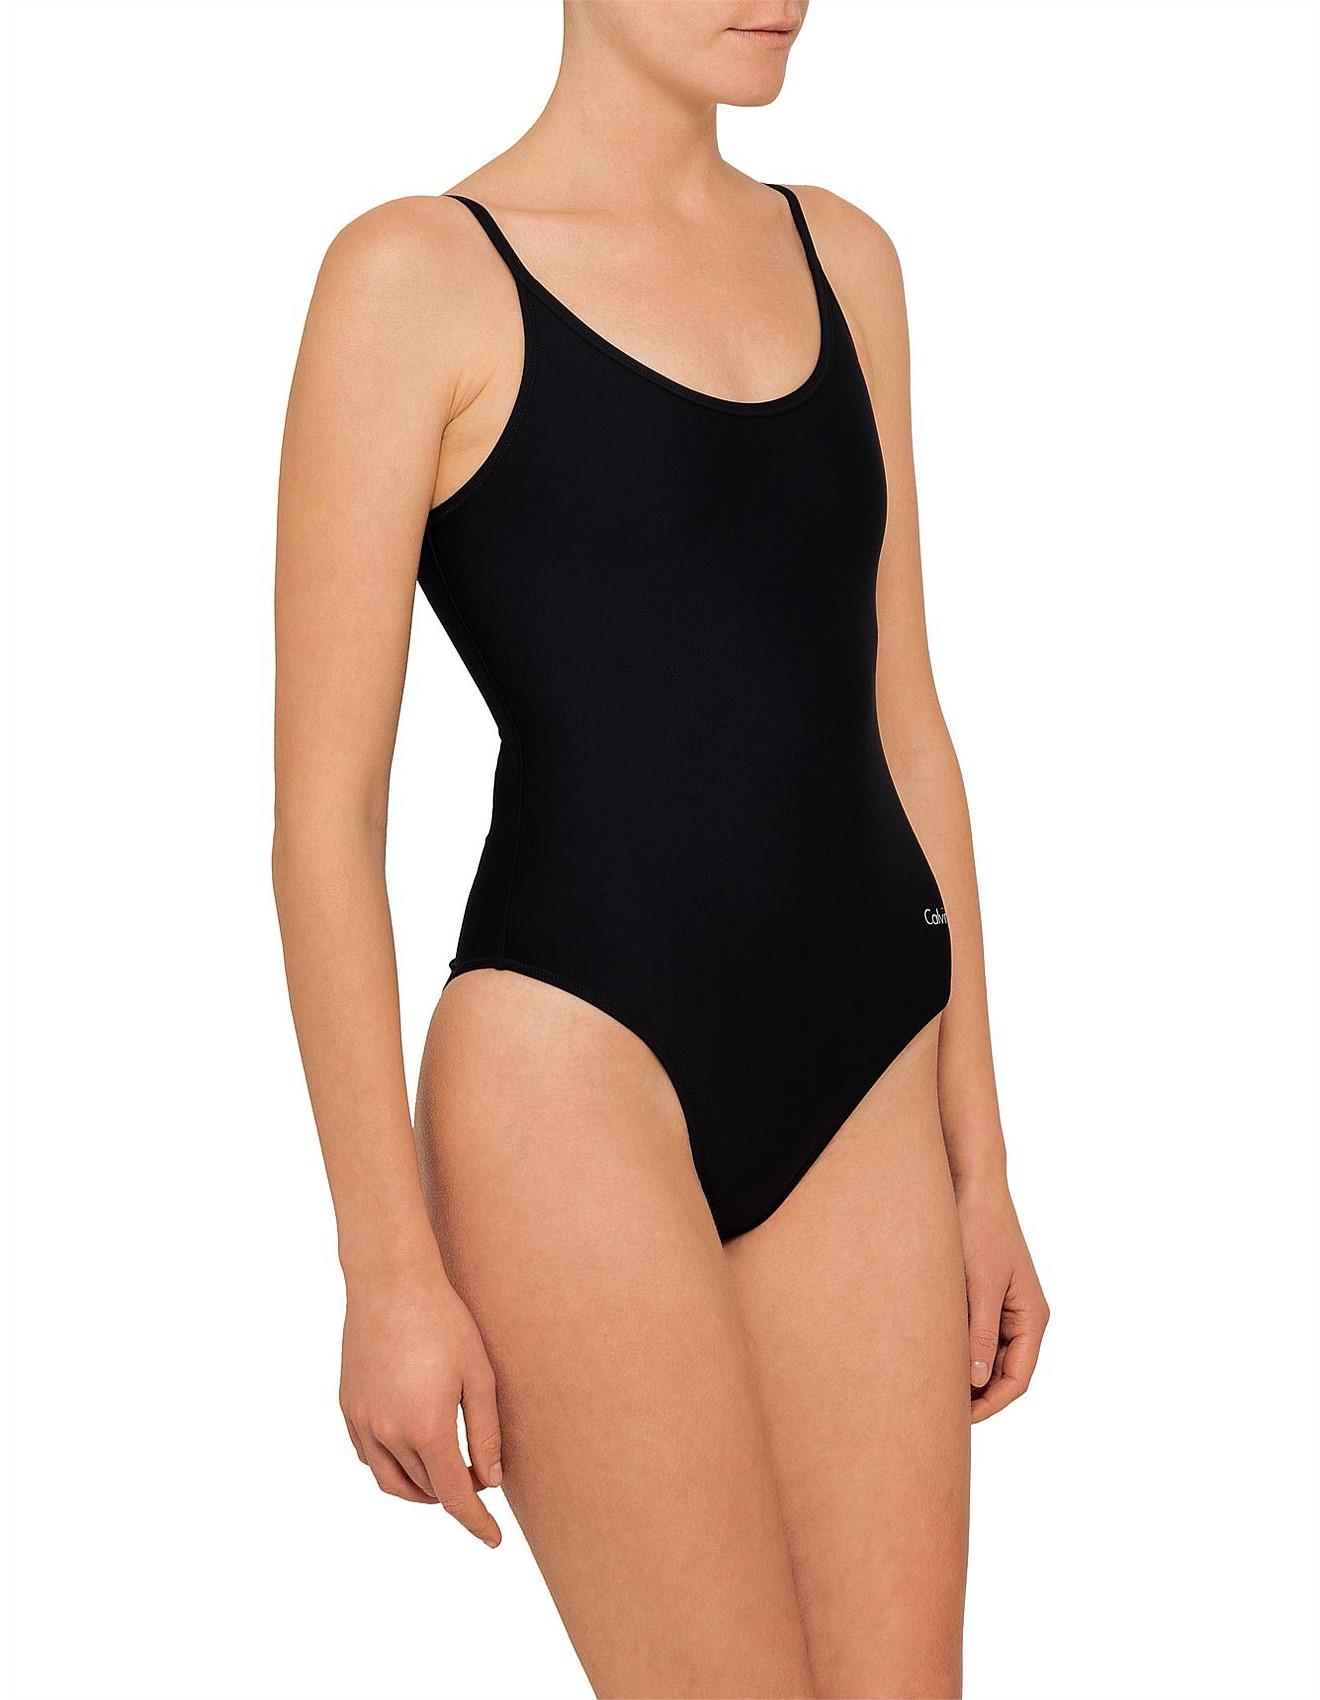 960d63b666f53 One Piece Swimsuit Sale